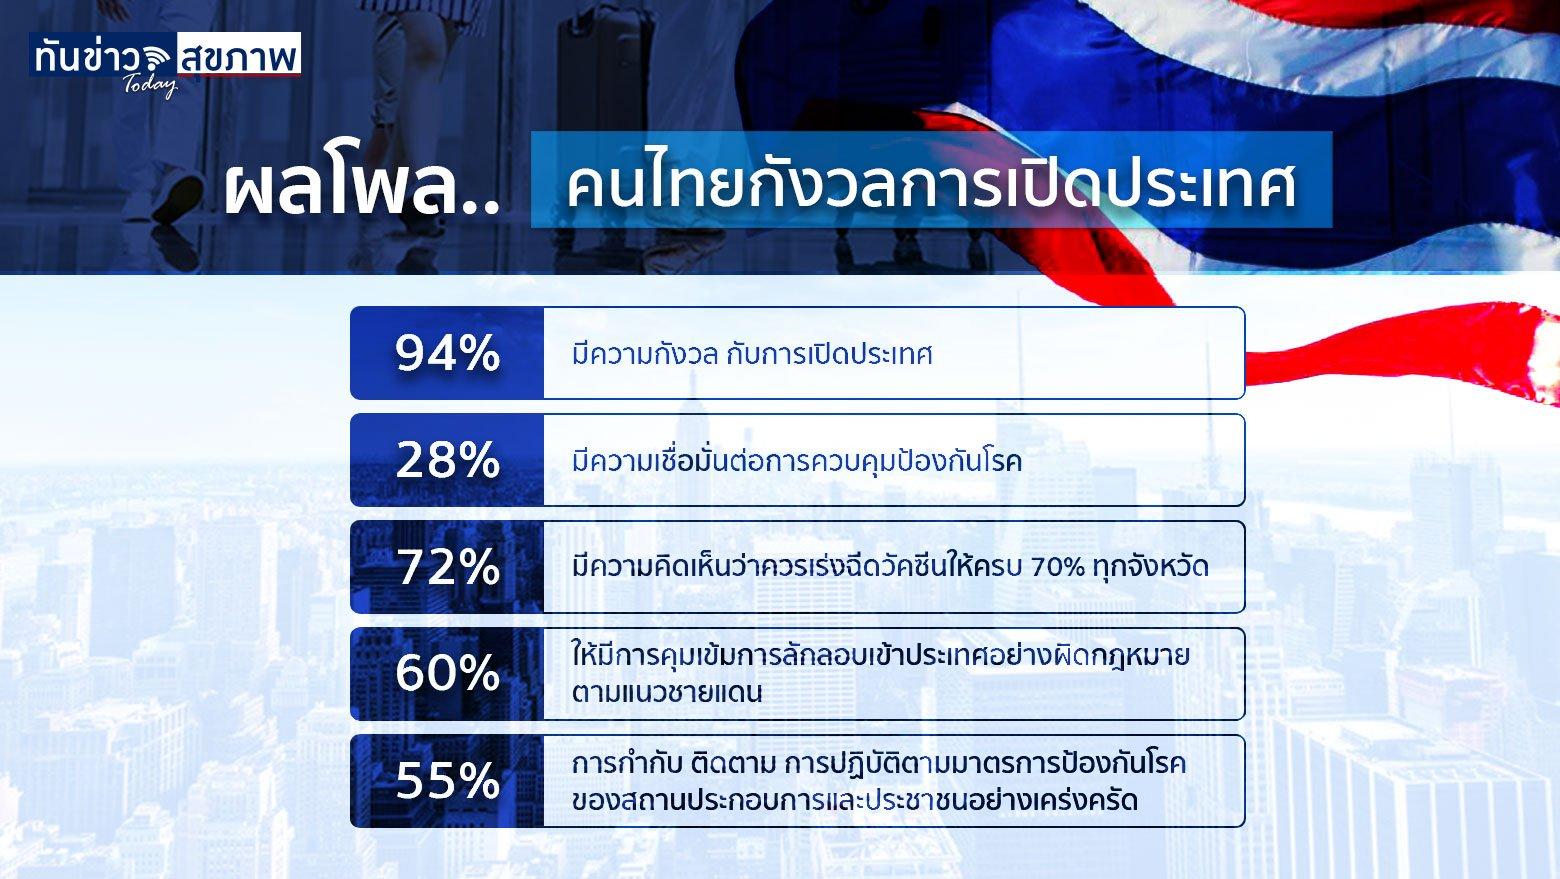 สธ. พบเชื้อโควิด-19 เดลต้า พลัส ในไทยรายแรก ด้านกรมอนามัย เผยผลโพลพบคนไทยกังวลเปิดการเปิดประเทศ หวั่นระบาดเพิ่ม